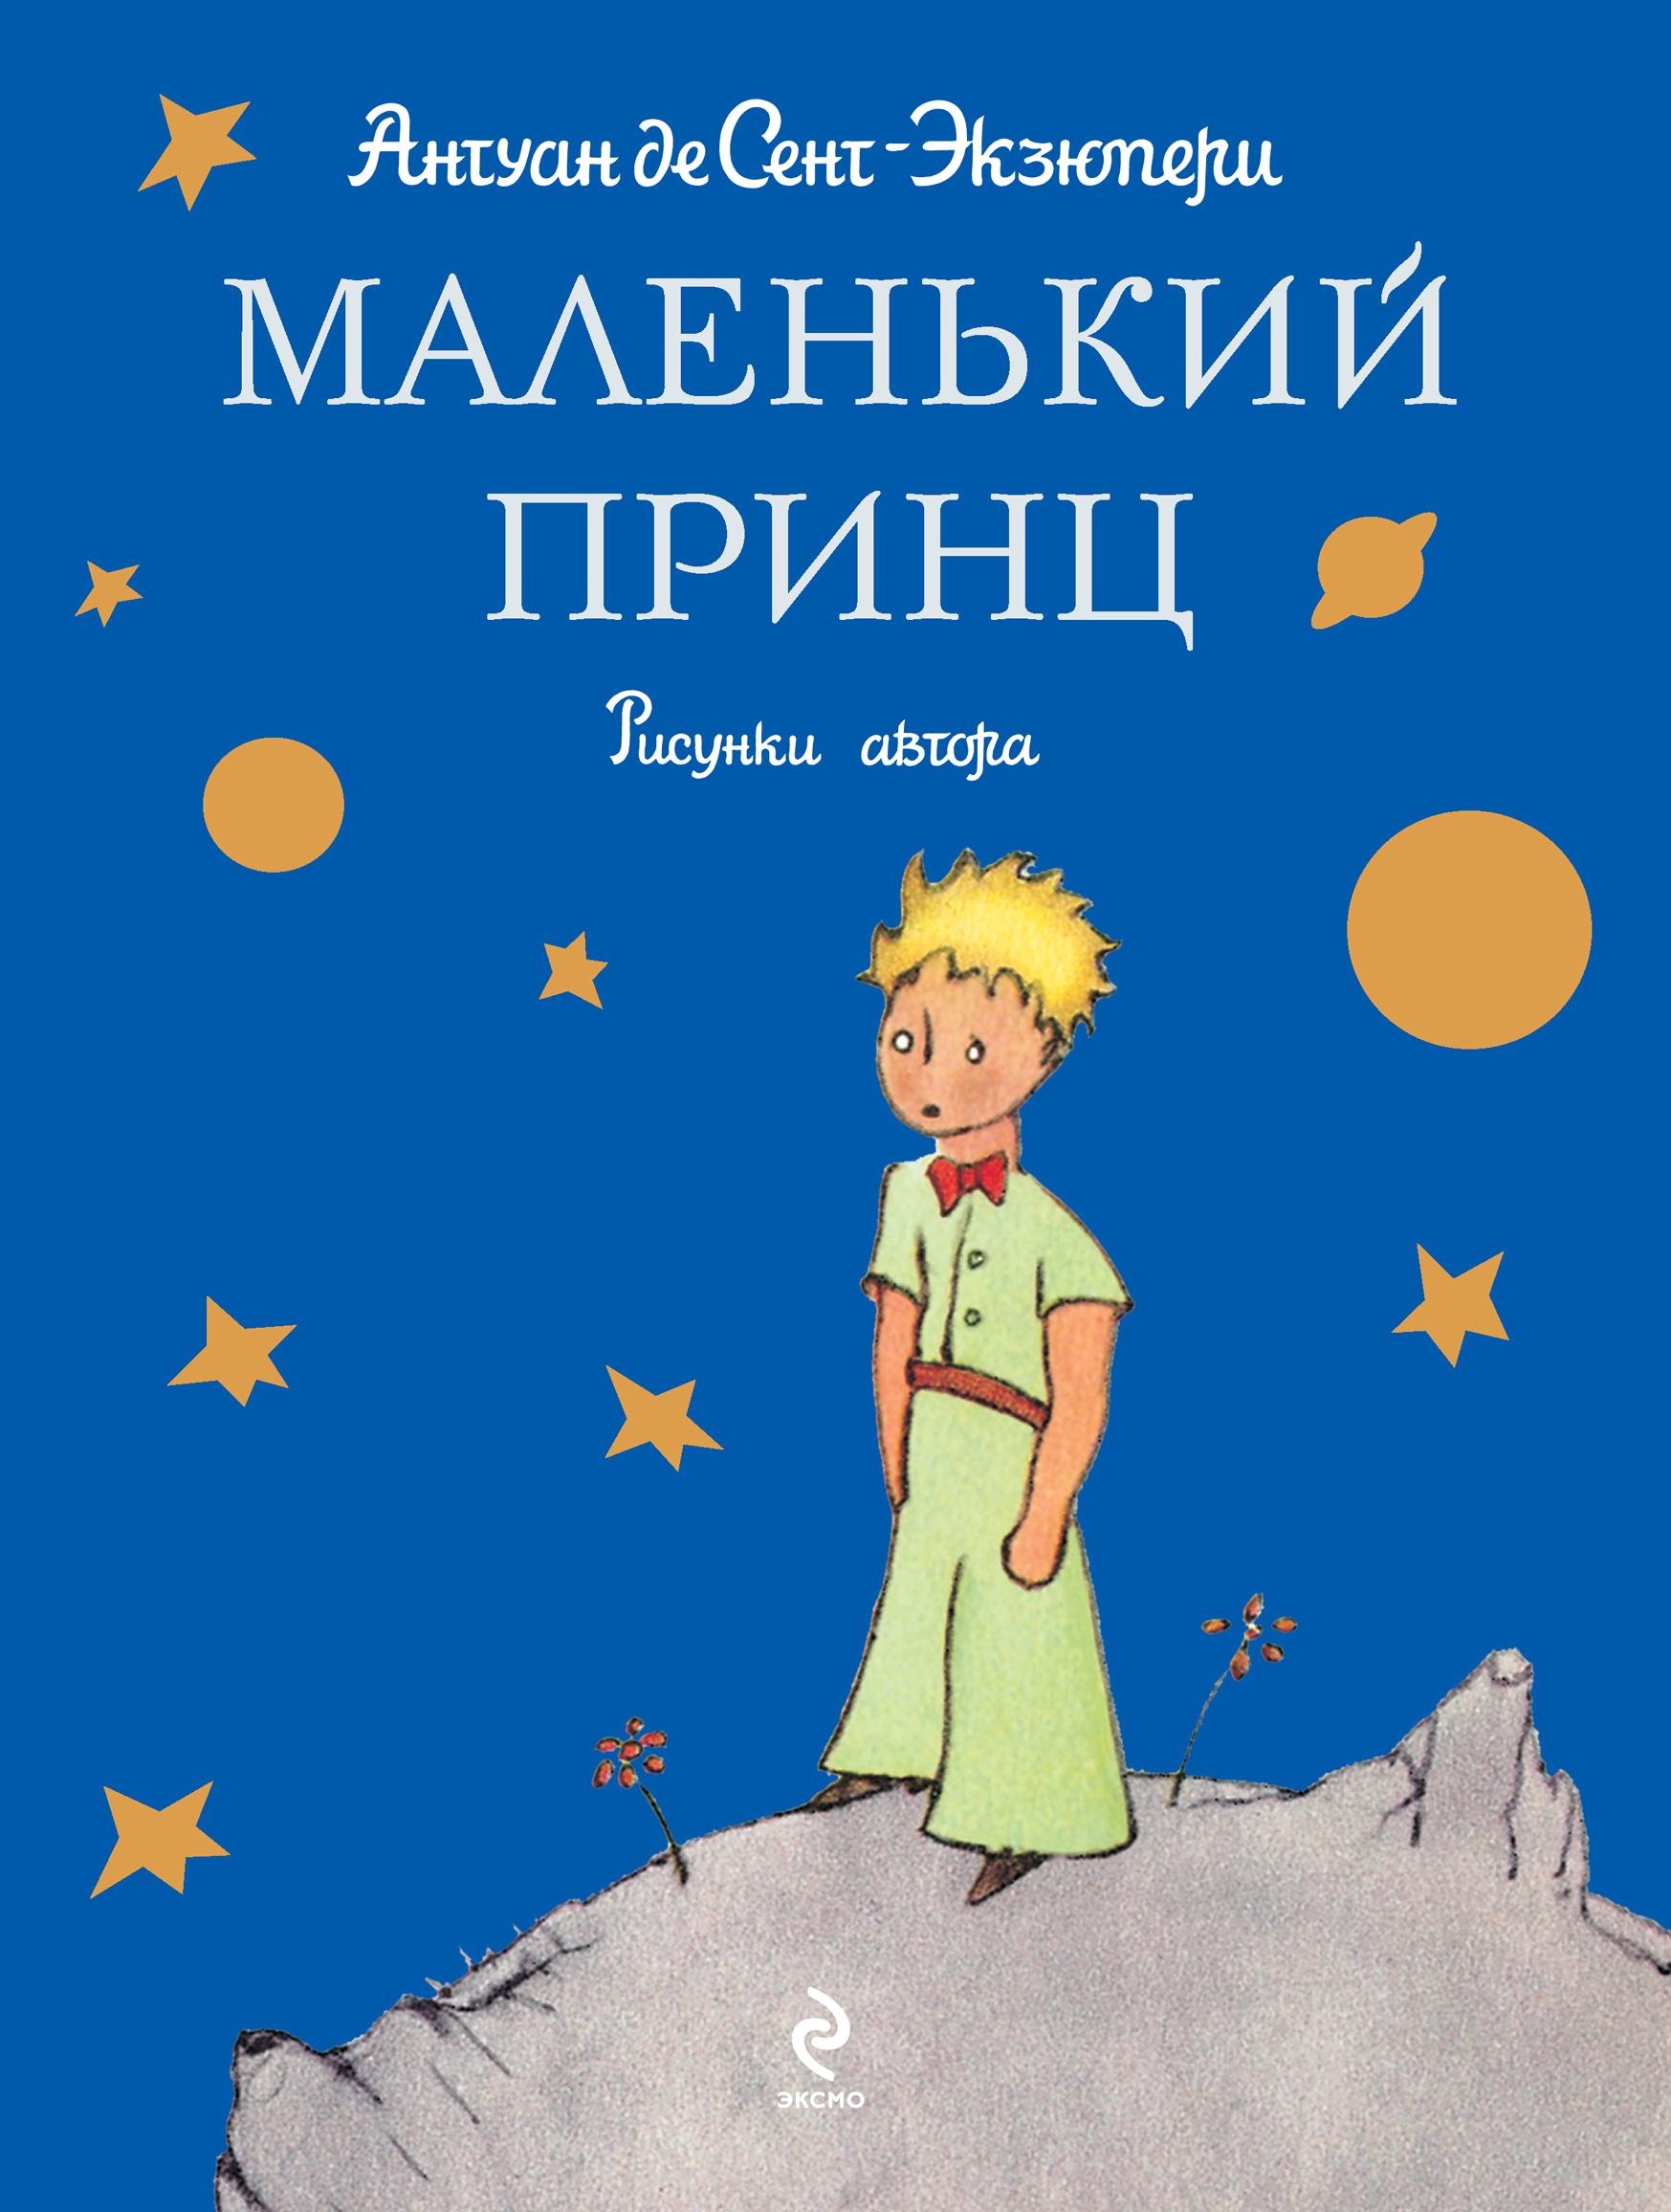 Книга маленький принц скачать бесплатно без регистрации